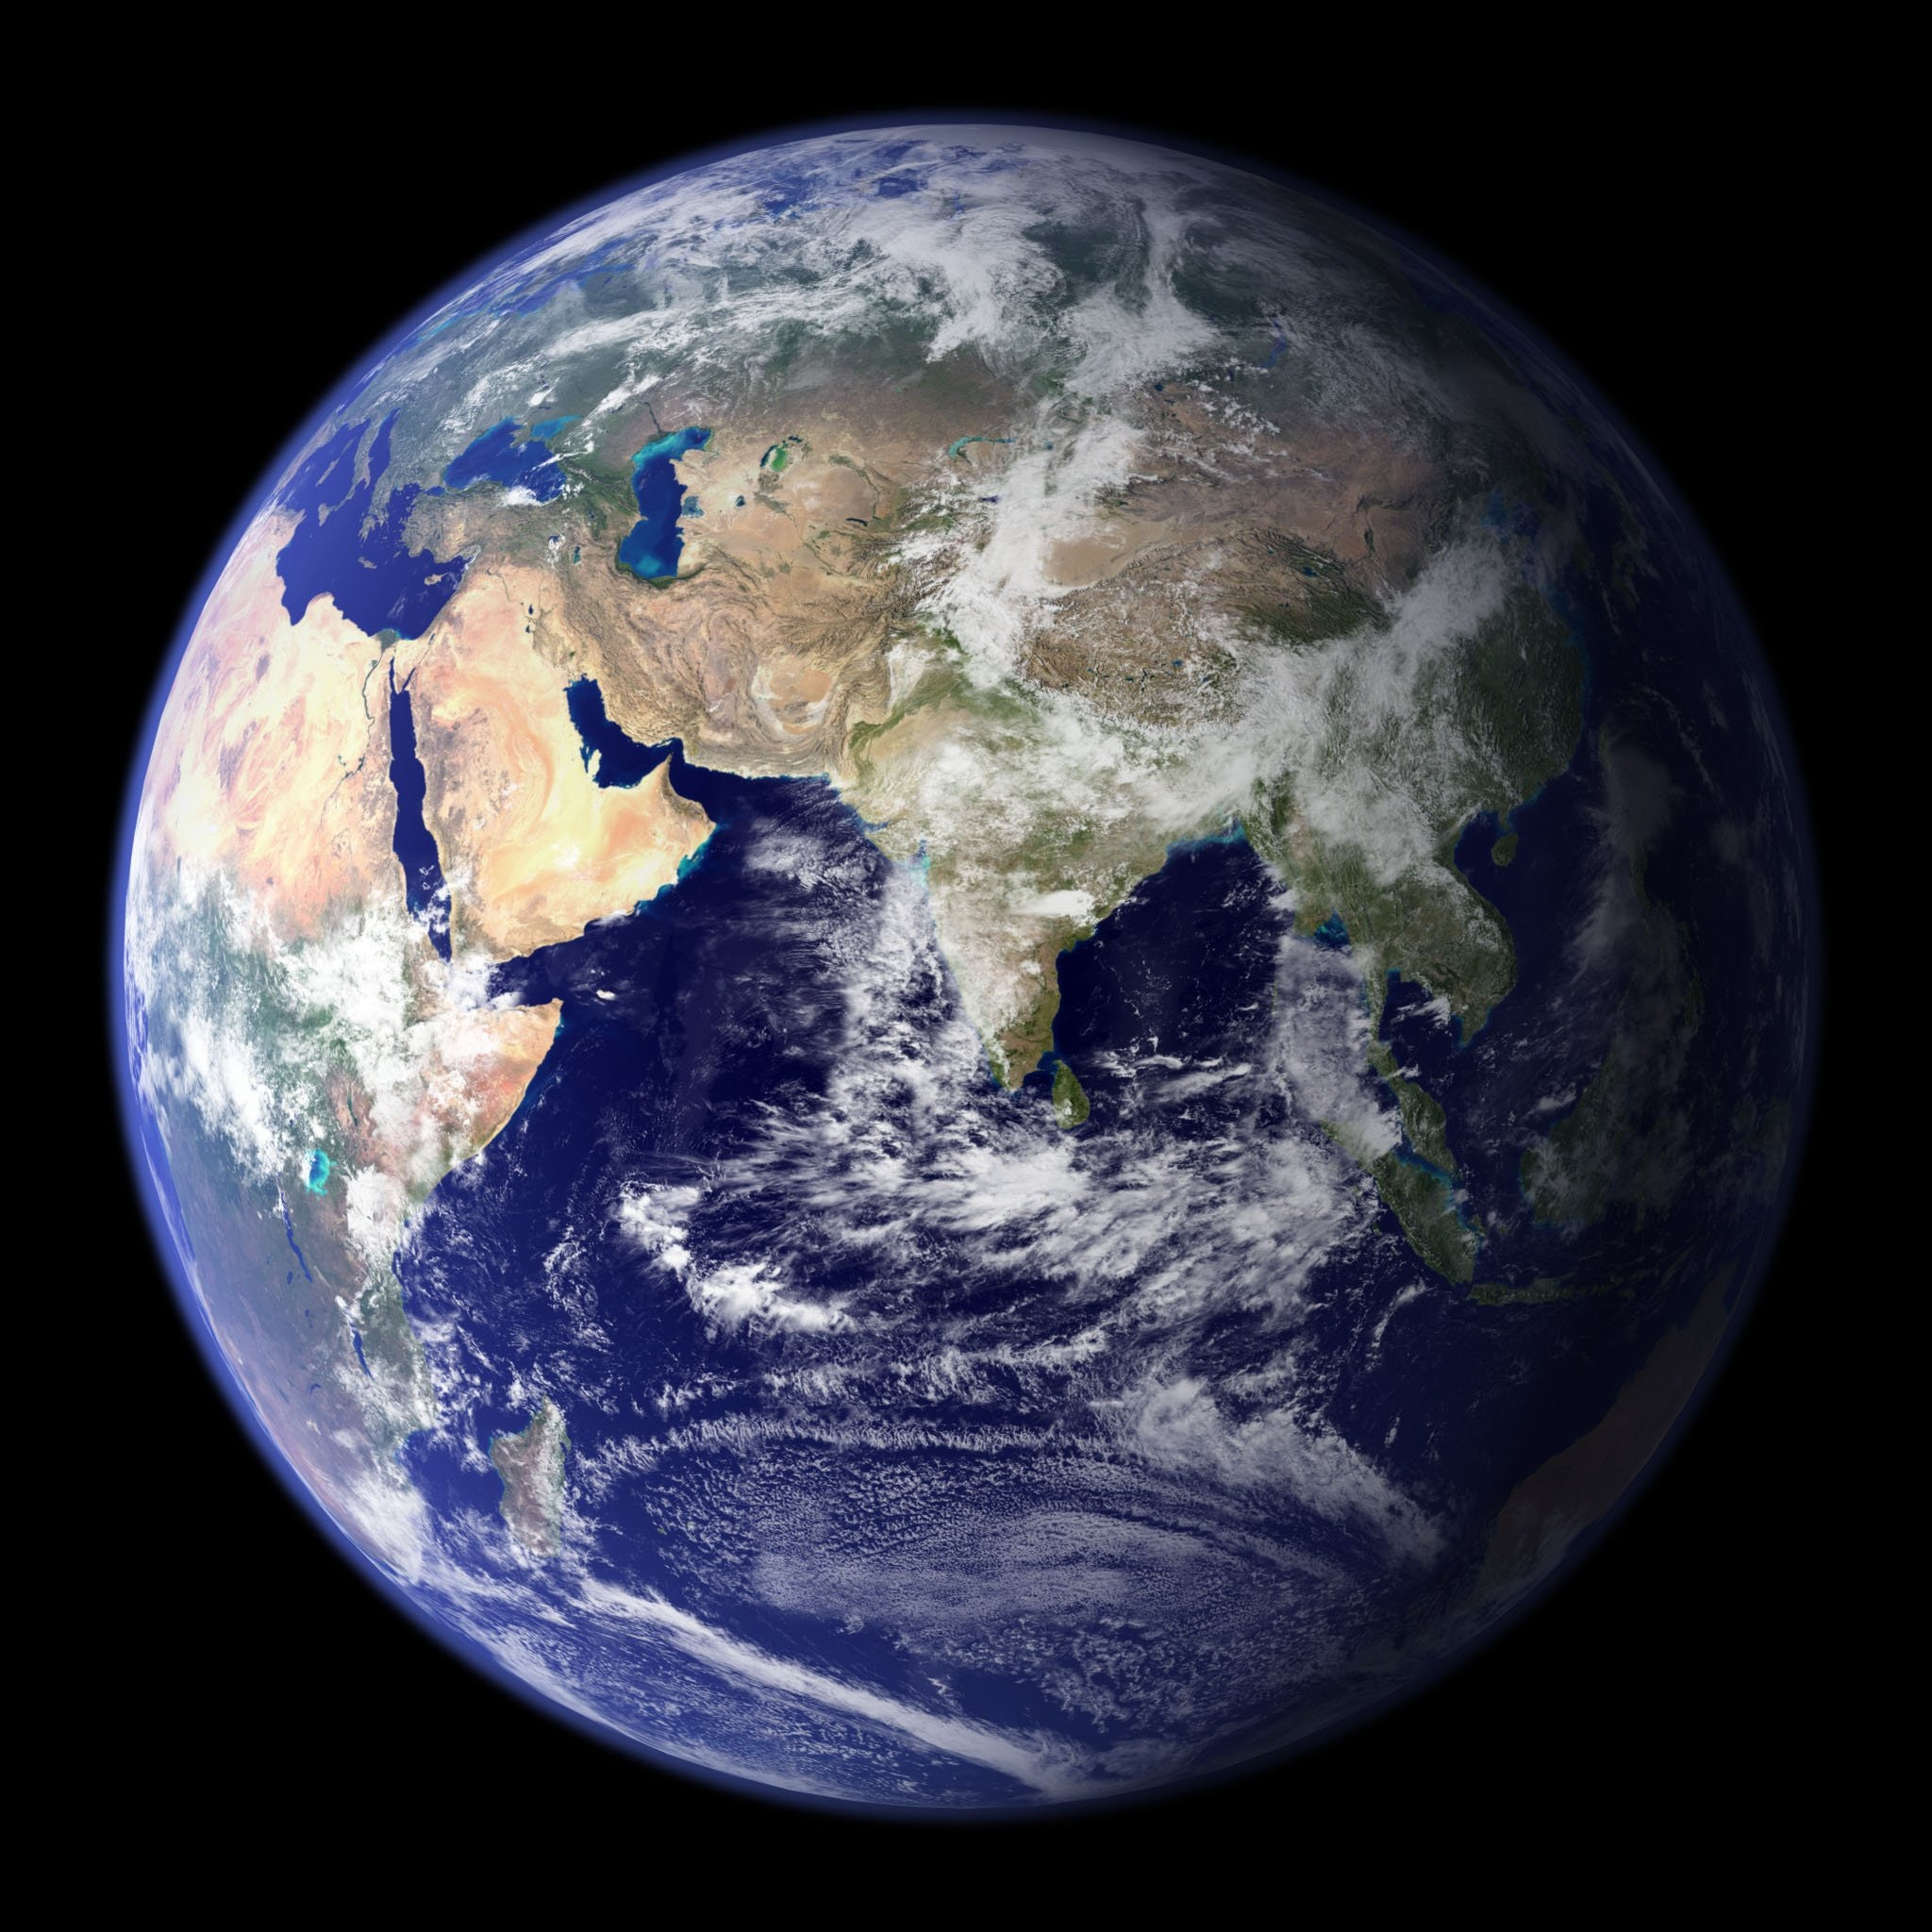 Efter Corona: VAD HÄNDER MED GLOBALISERINGEN?